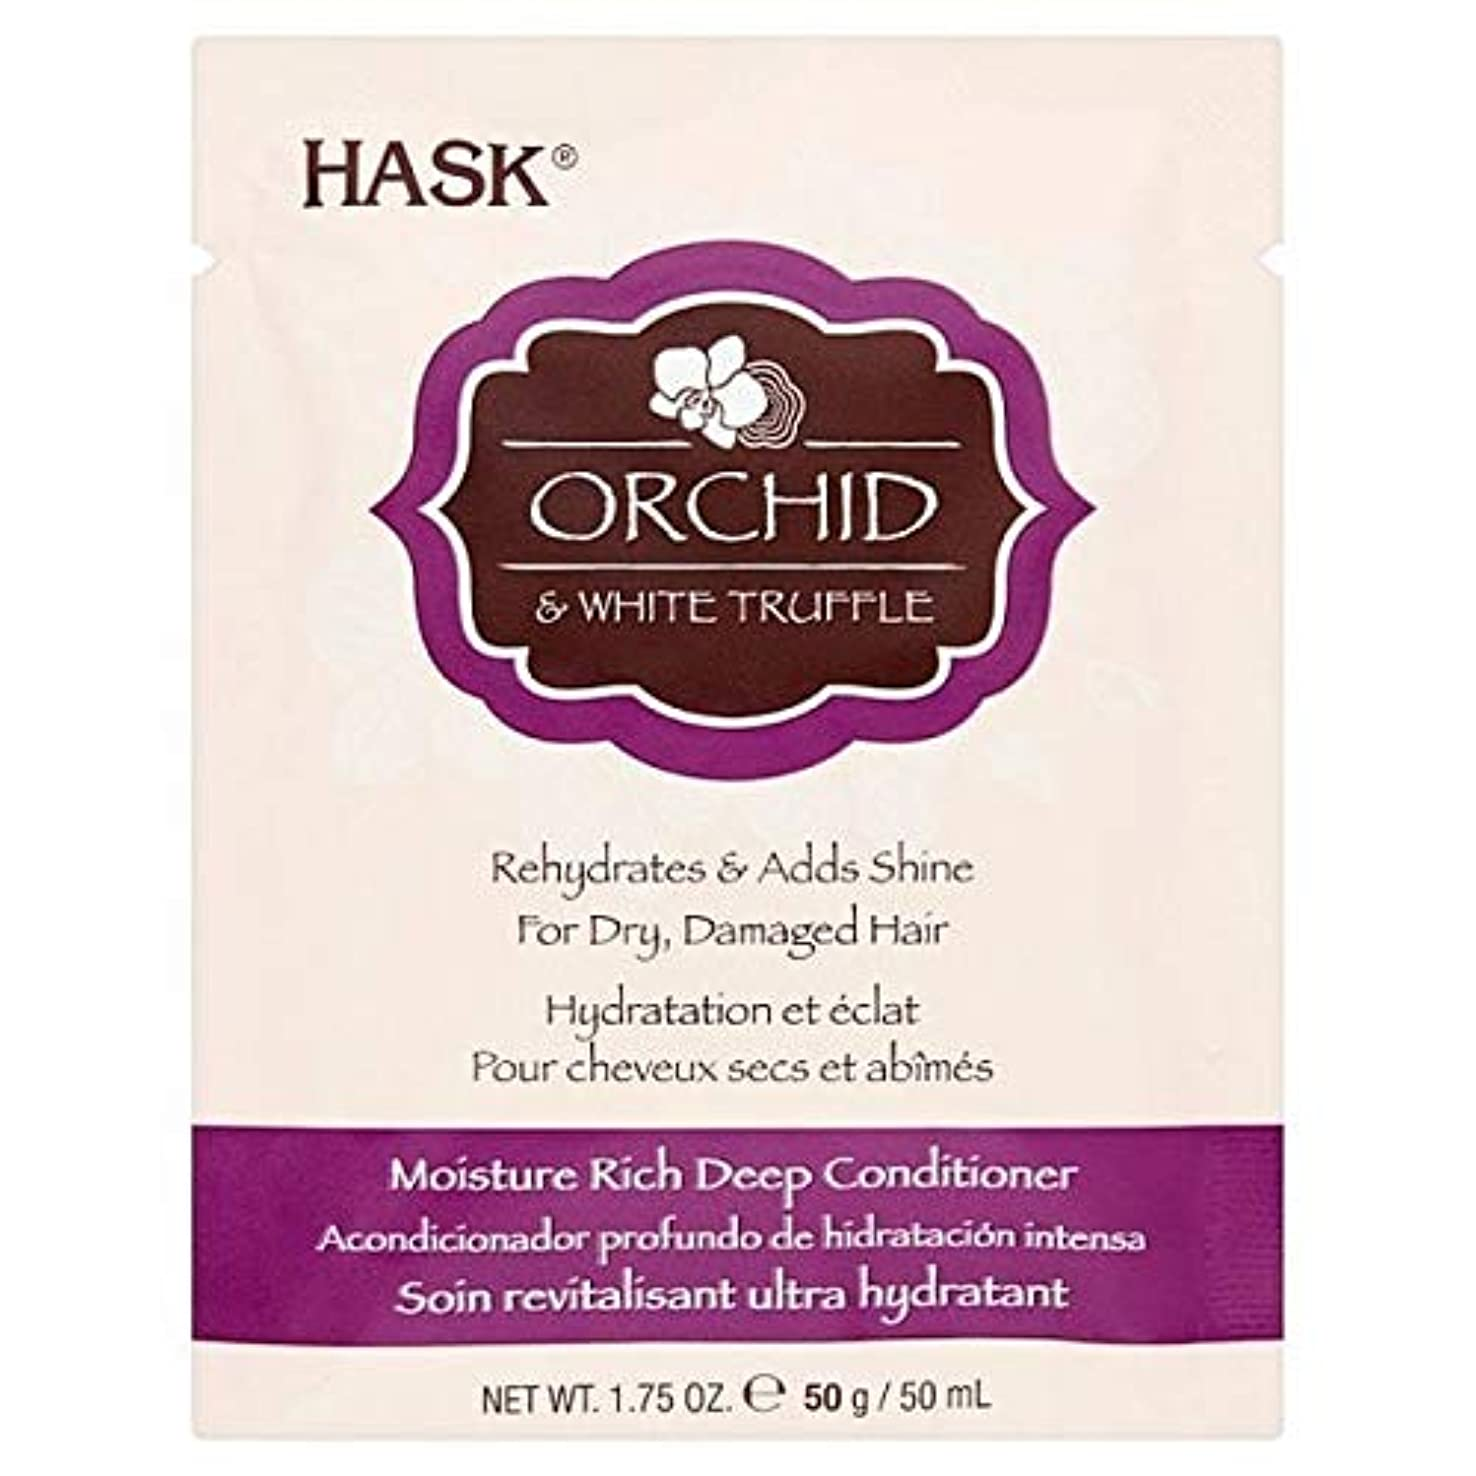 罪ホイップペデスタル[Hask] Hask蘭&白トリュフ深いコンディショニングサシェ50グラム - HASK Orchid & White Truffle Deep Conditioning Sachet 50g [並行輸入品]